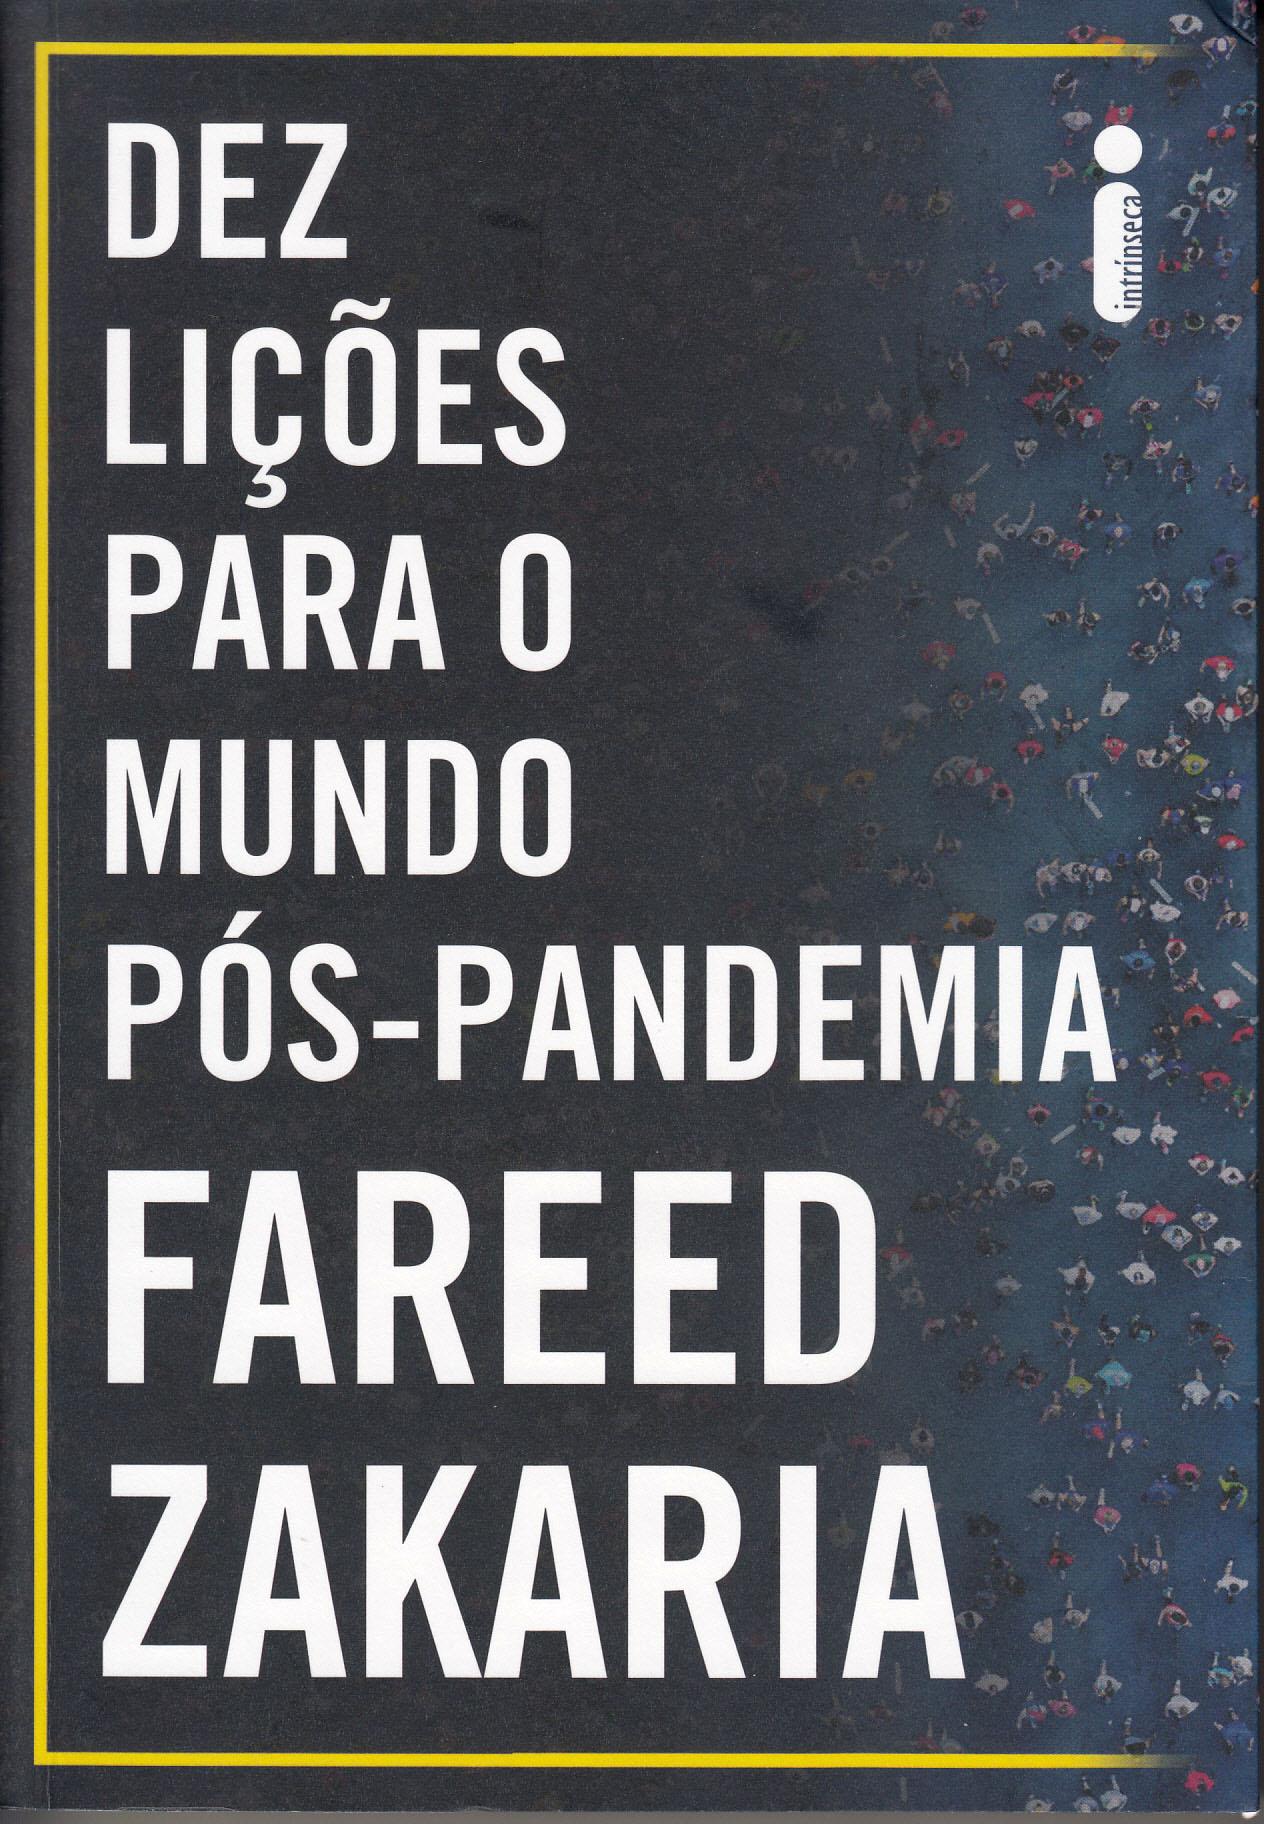 Resumo do livro Dez Lições Para o Mundo Pós-Pandemia